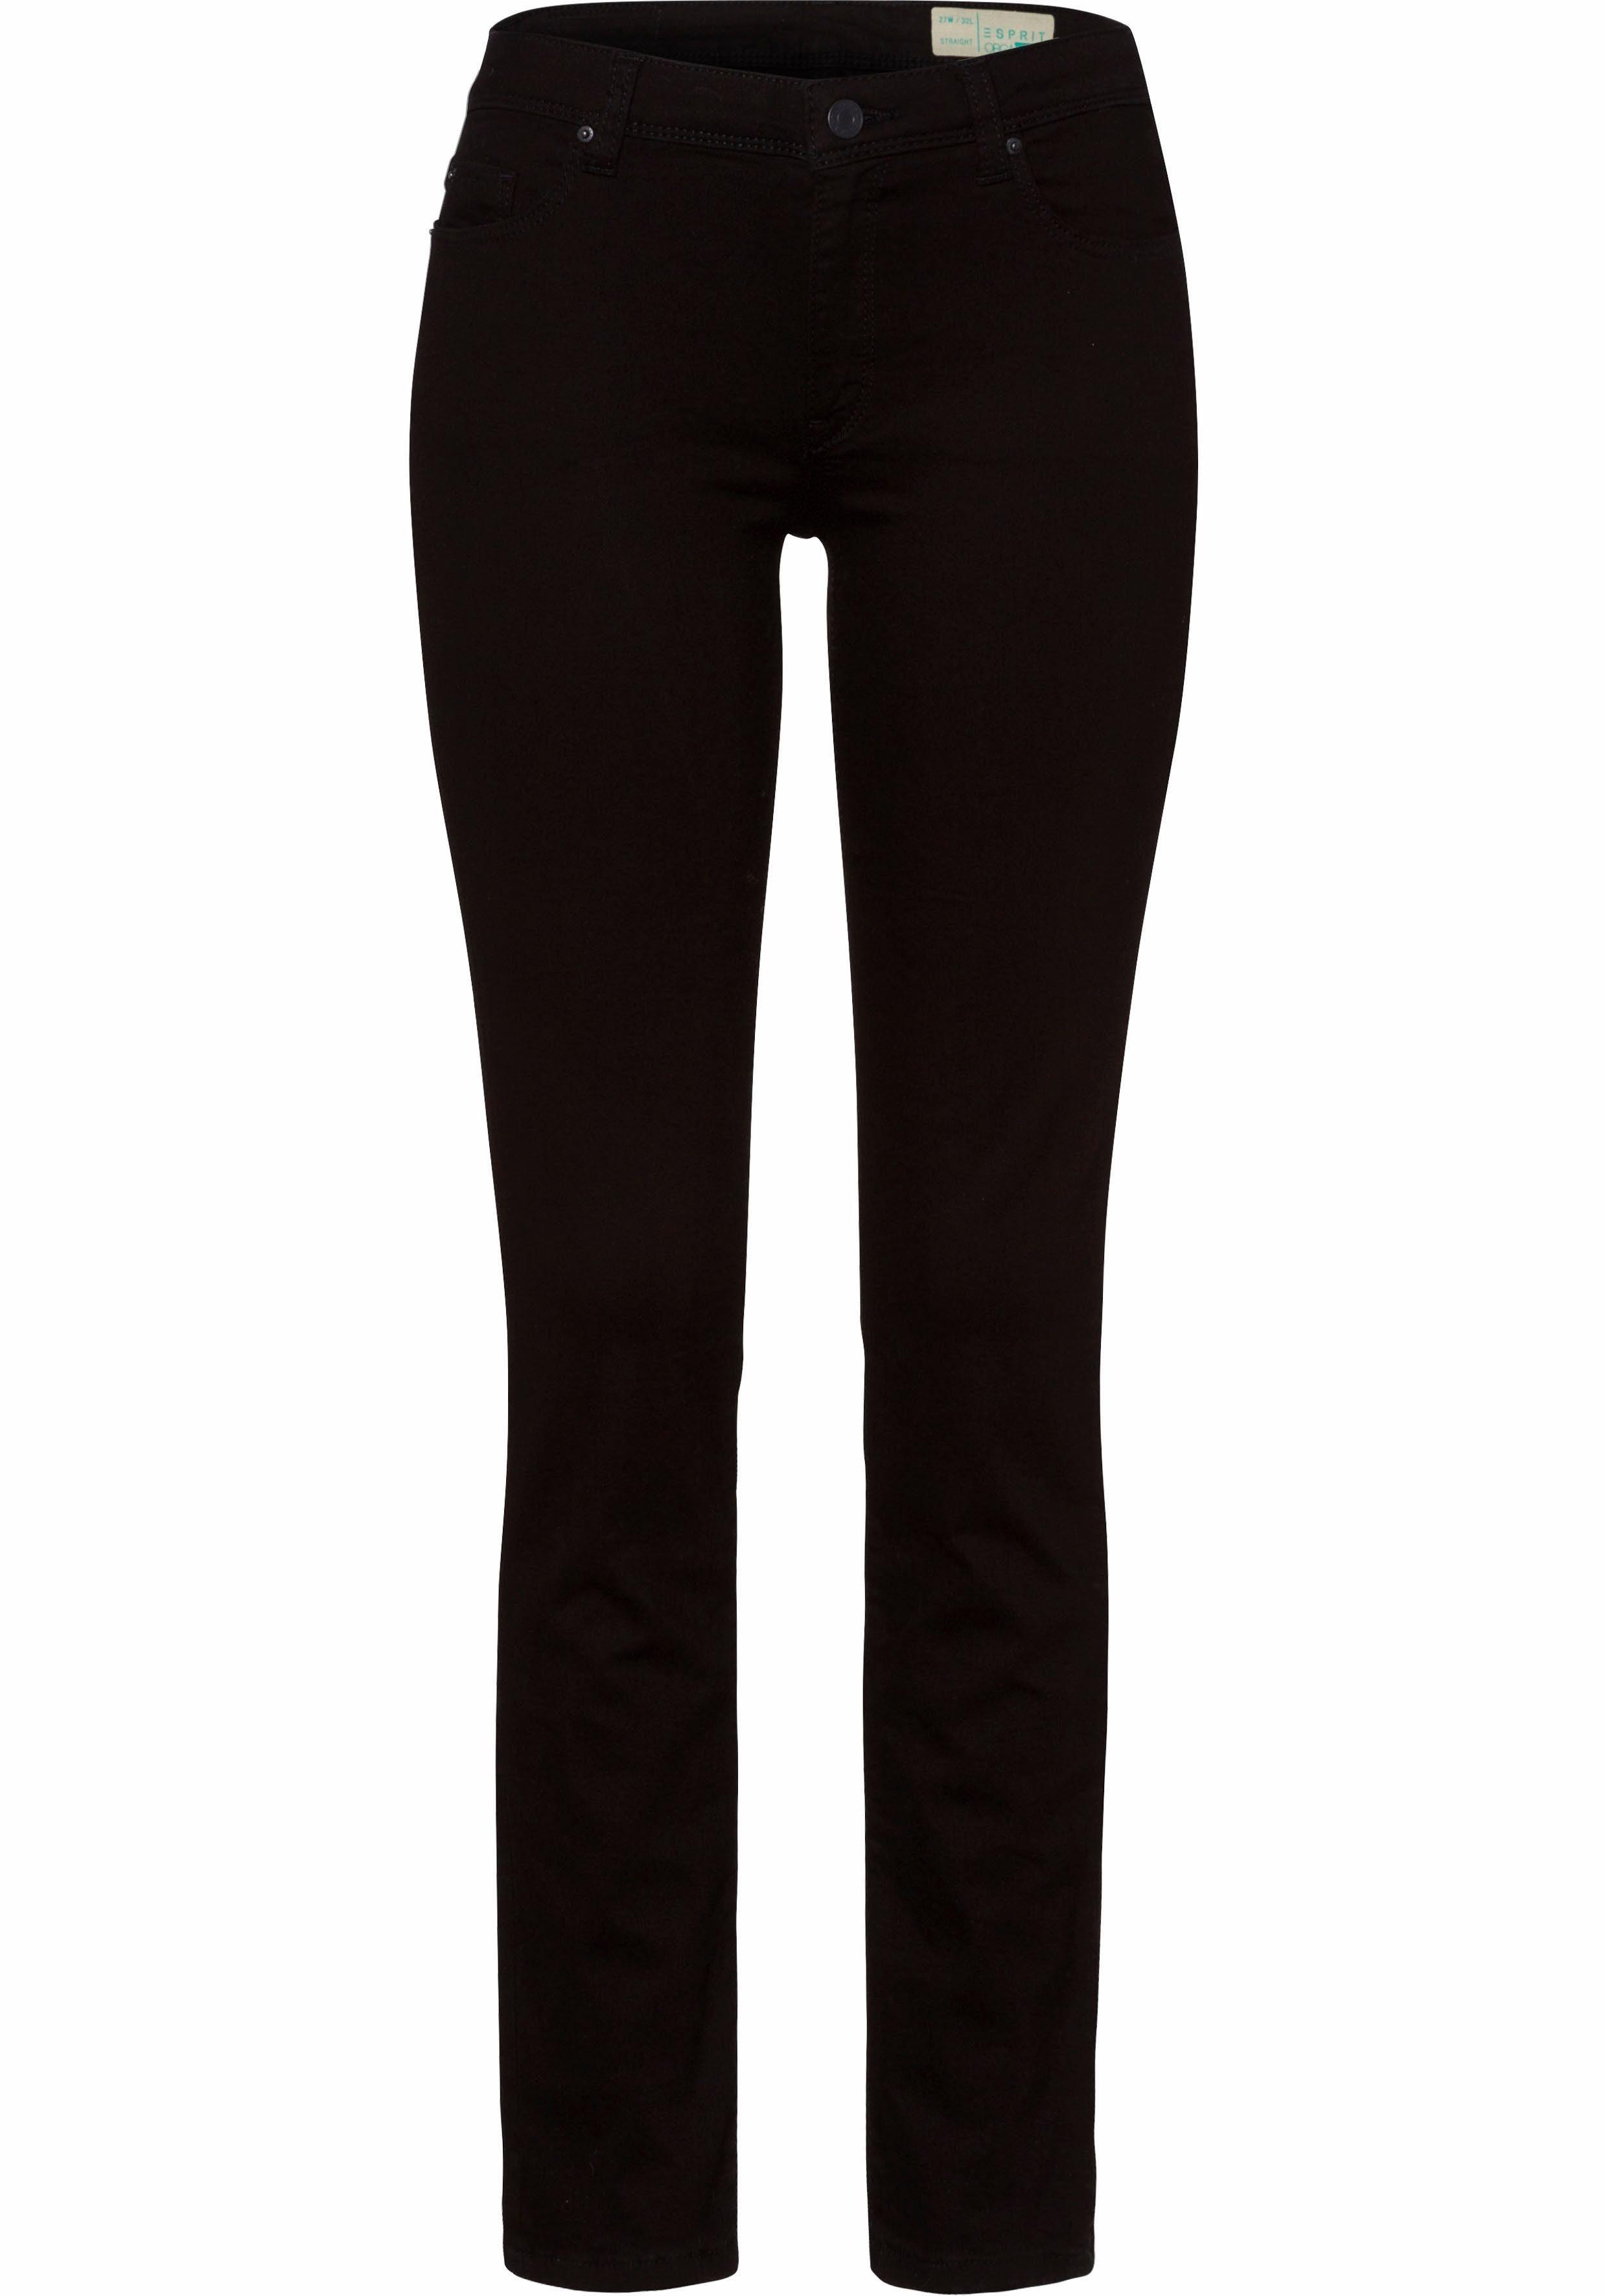 Esprit Straight Jeans Snel Gevonden - Geweldige Prijs